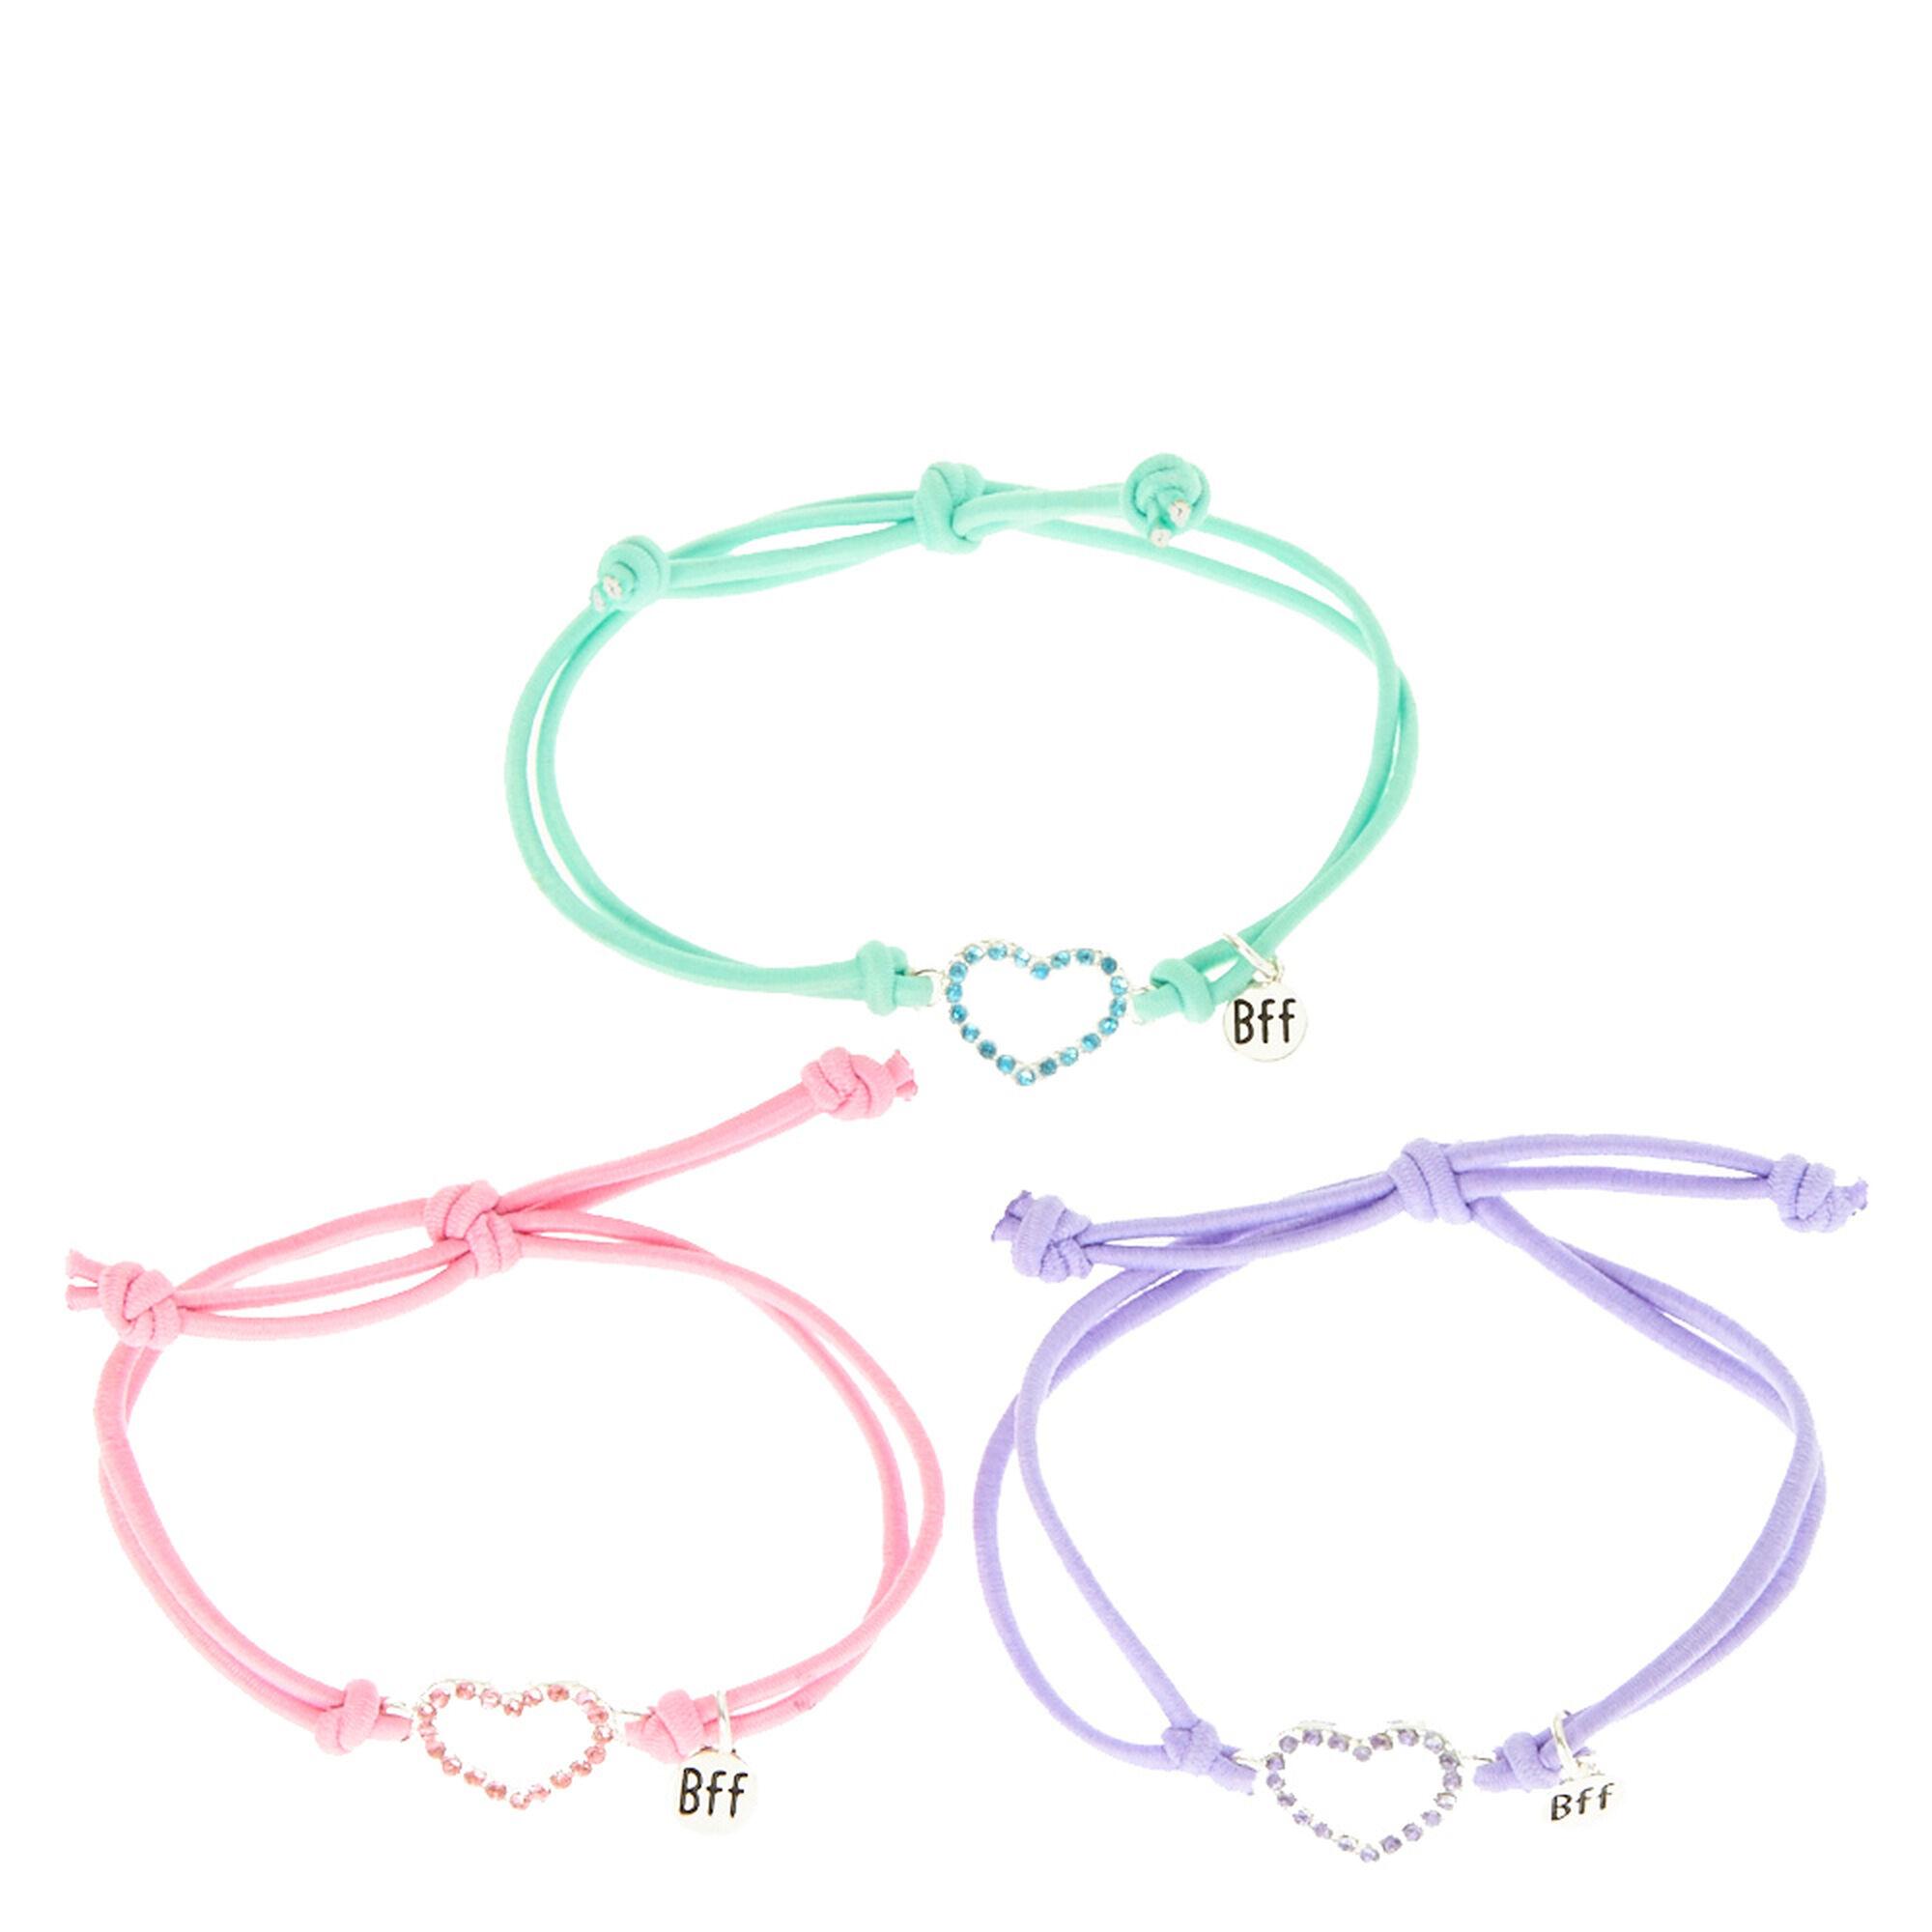 c428a5650 Pastel Heart Stretch Friendship Bracelets - 3 Pack   Claire's US